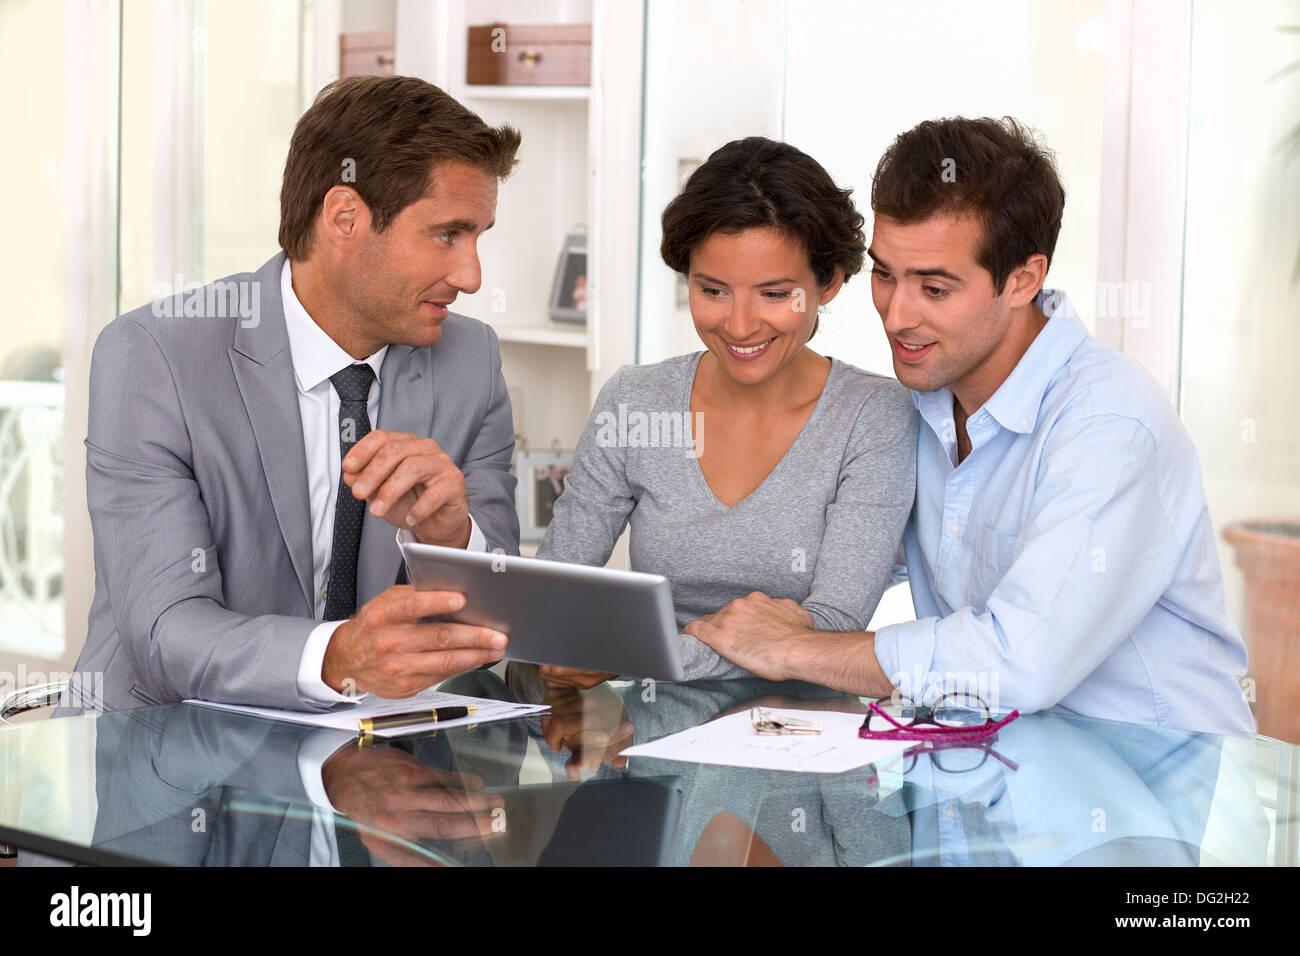 Tablette pc femme homme businessman piscine contrat Photo Stock